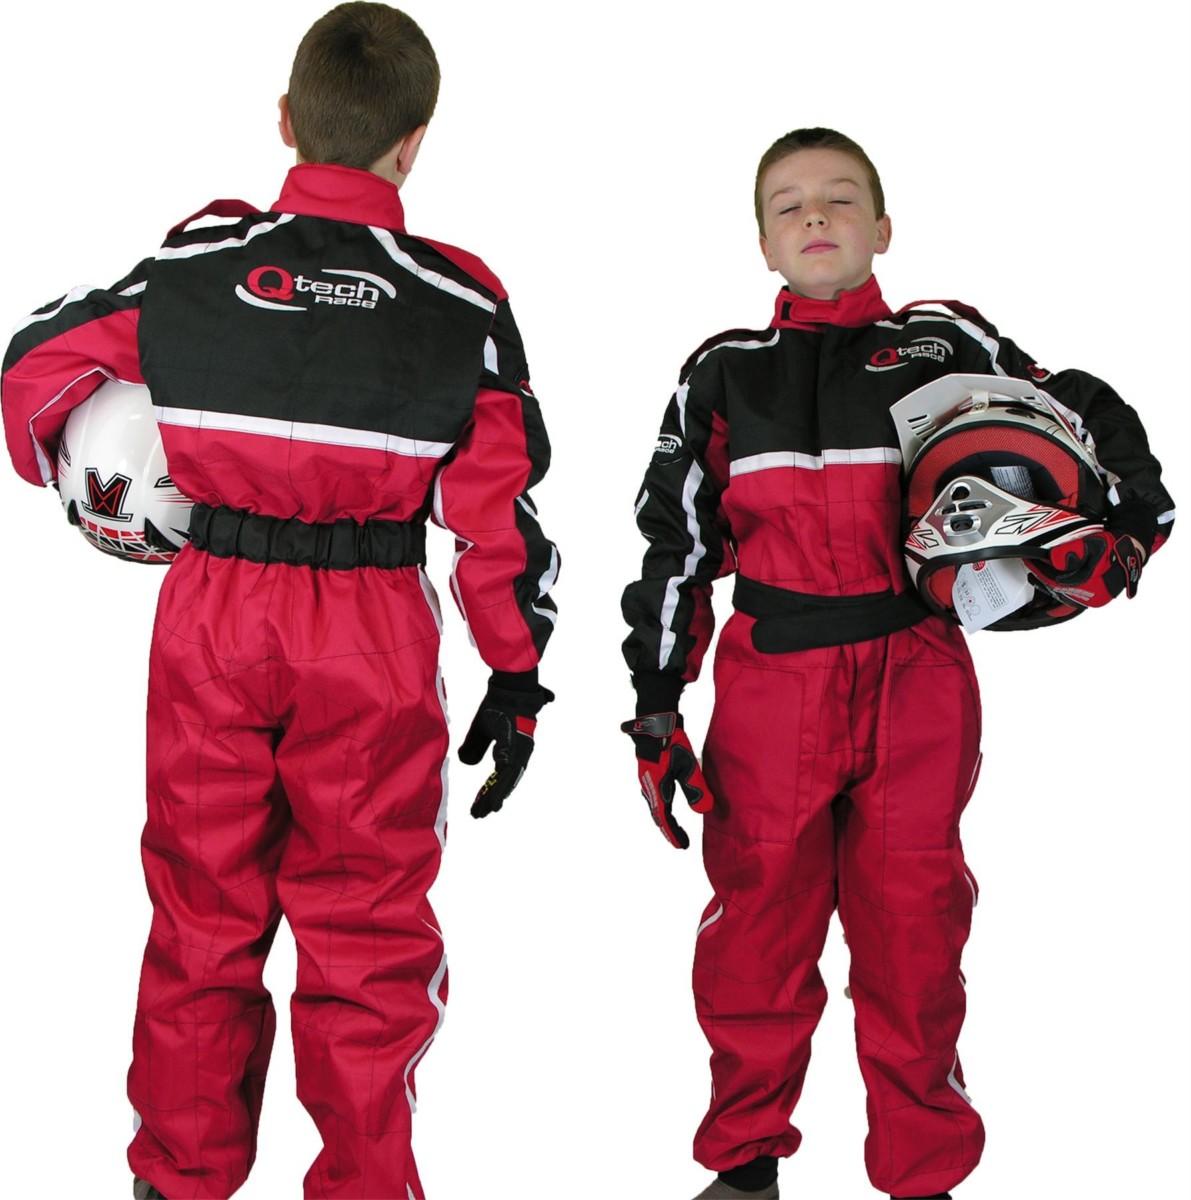 Enfants tenue de course combinaison karting motocross racing one piece